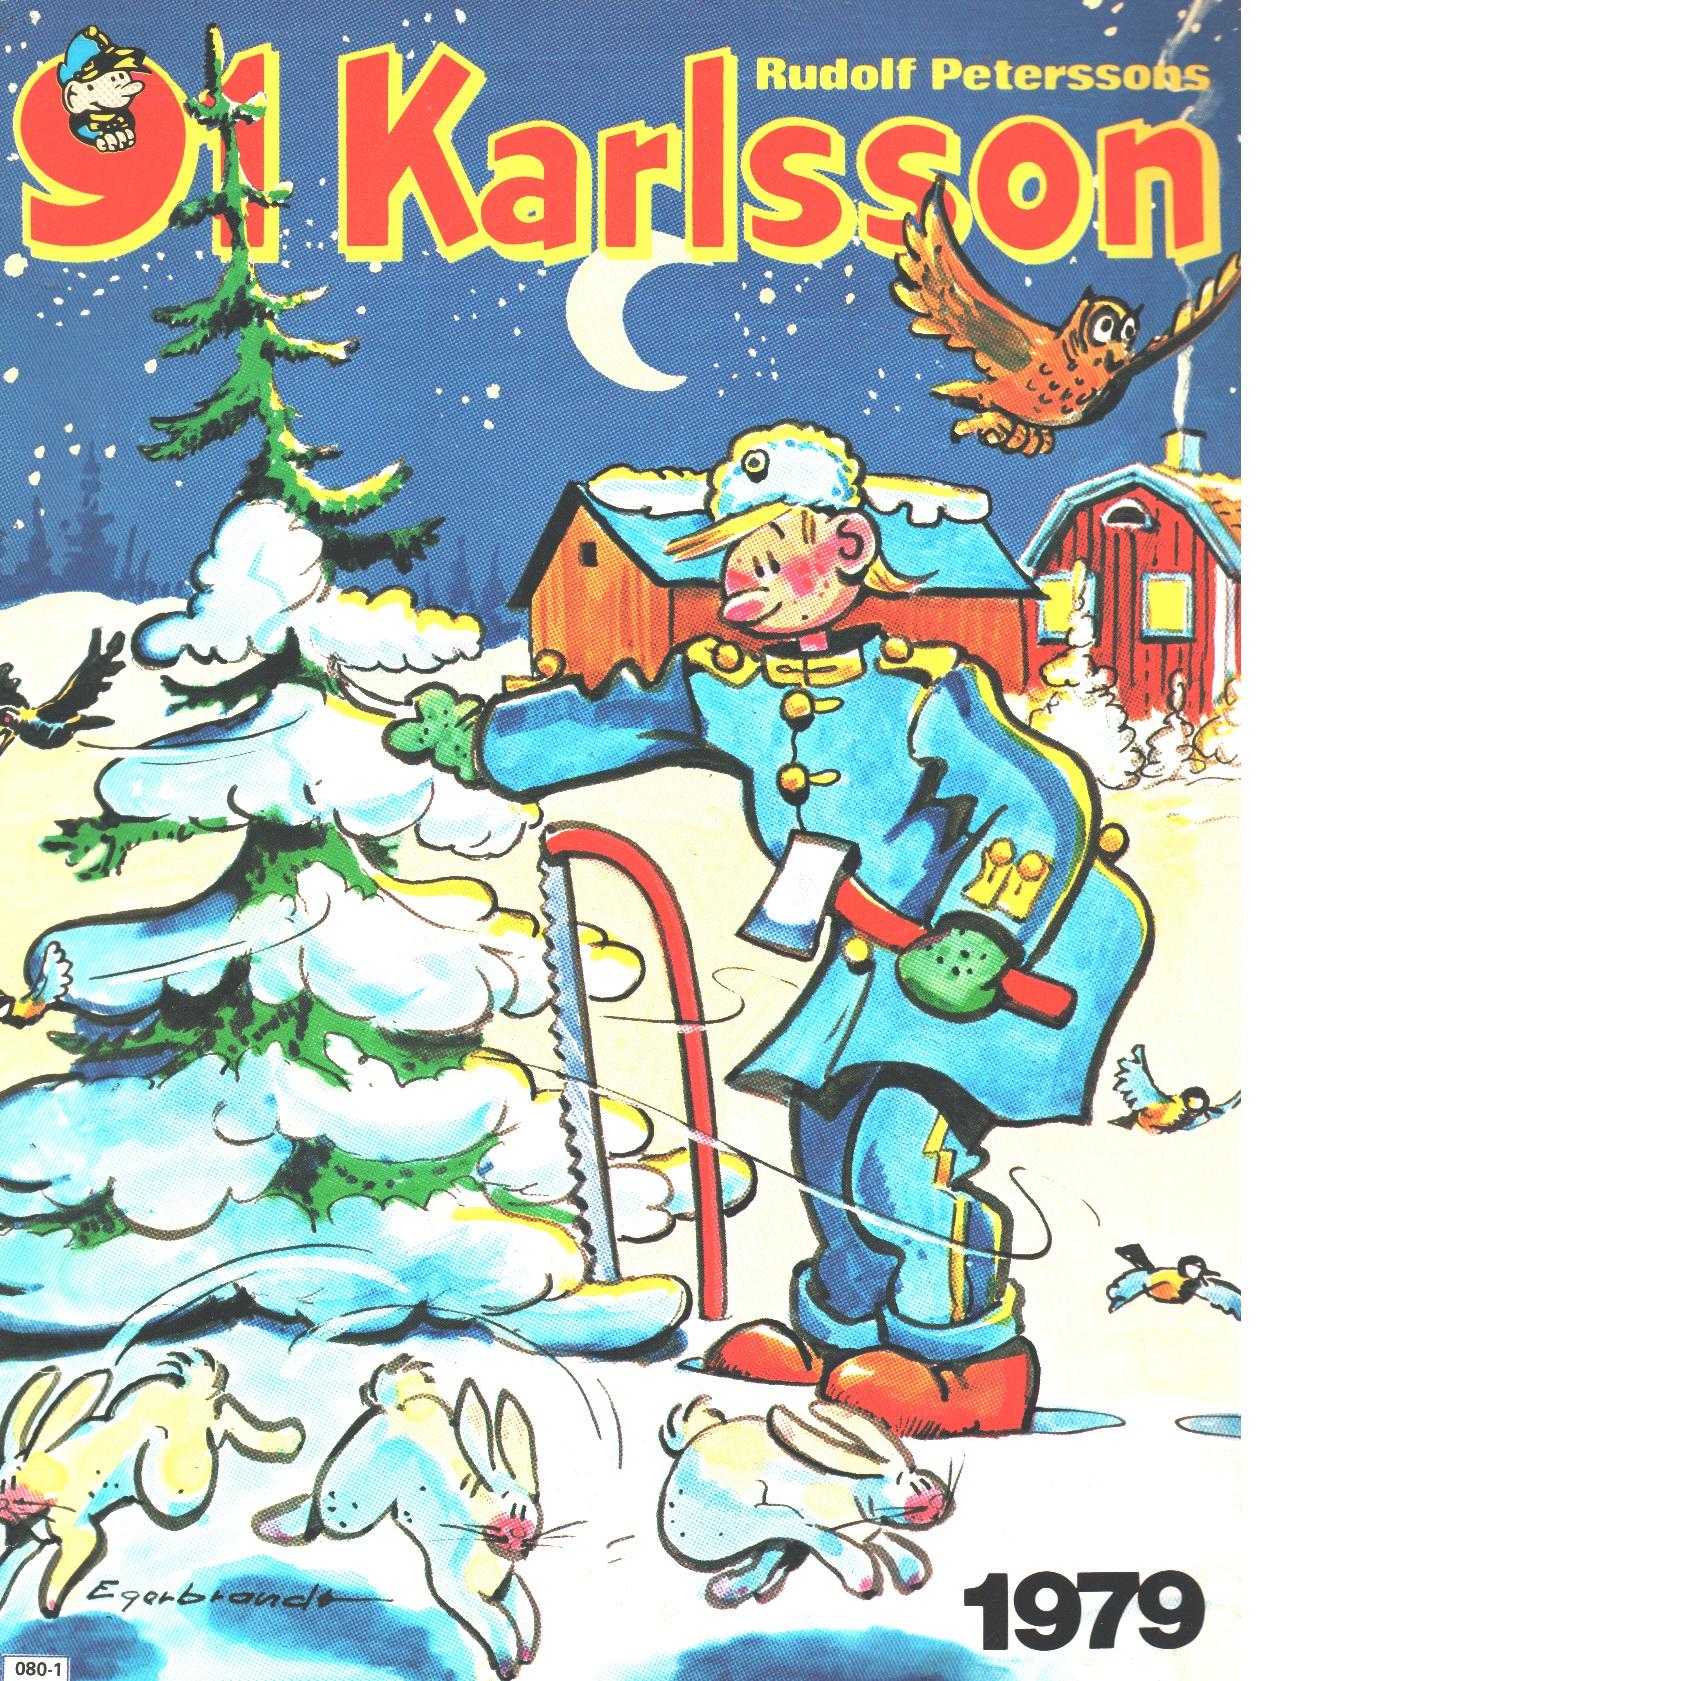 91:an Karlsson - Pettersson, Rudolf